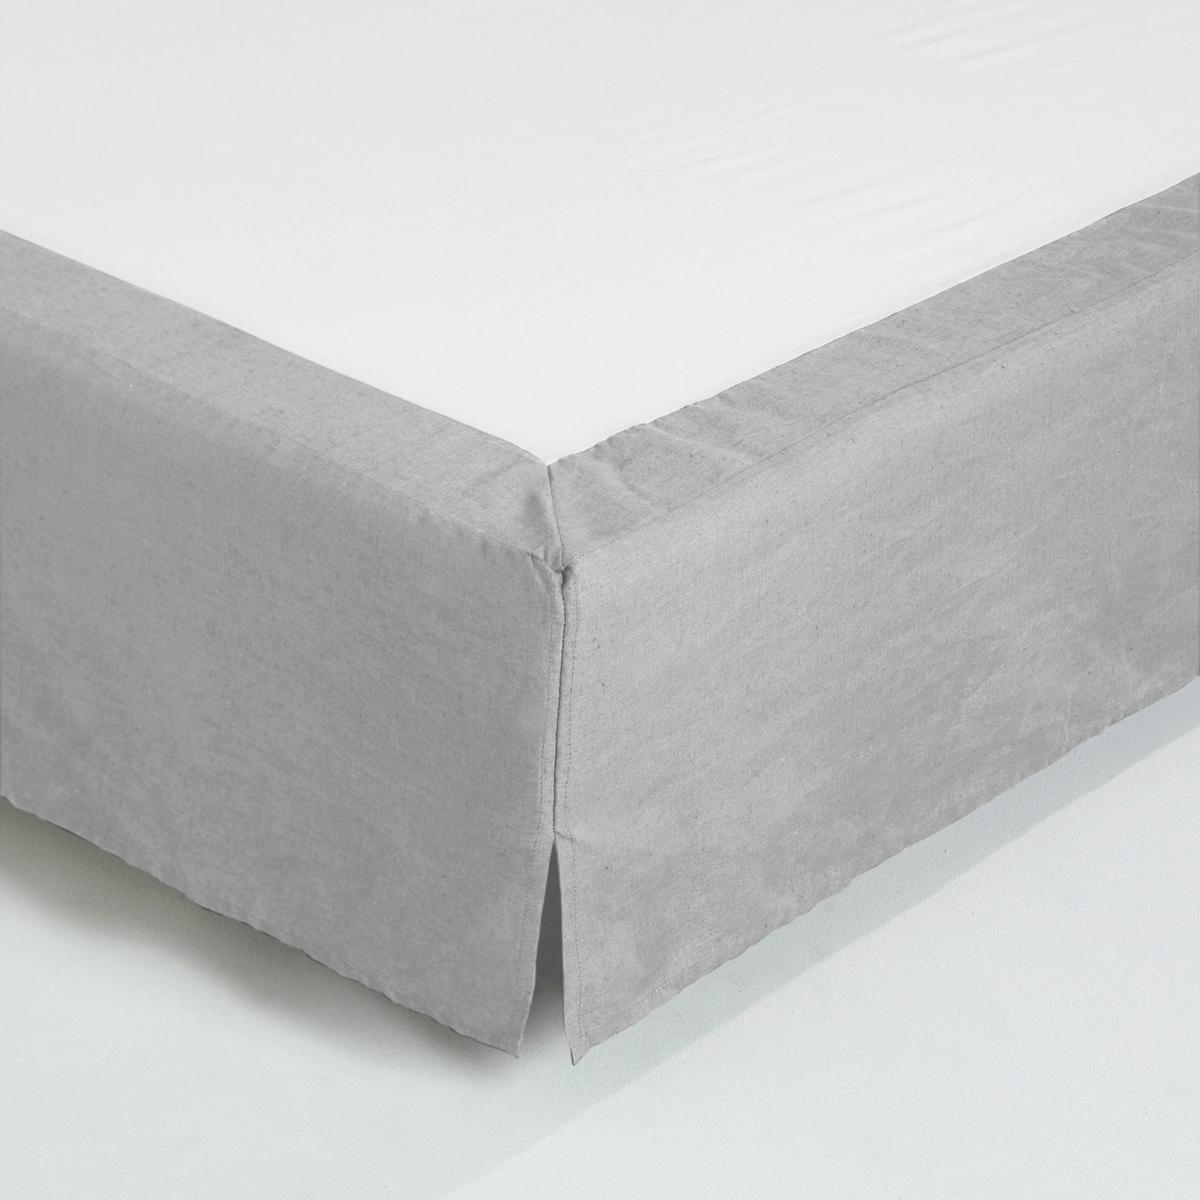 Чехол La Redoute Для кровати льна 180 x 200 см серый семеня льна компас здоровья 200 г